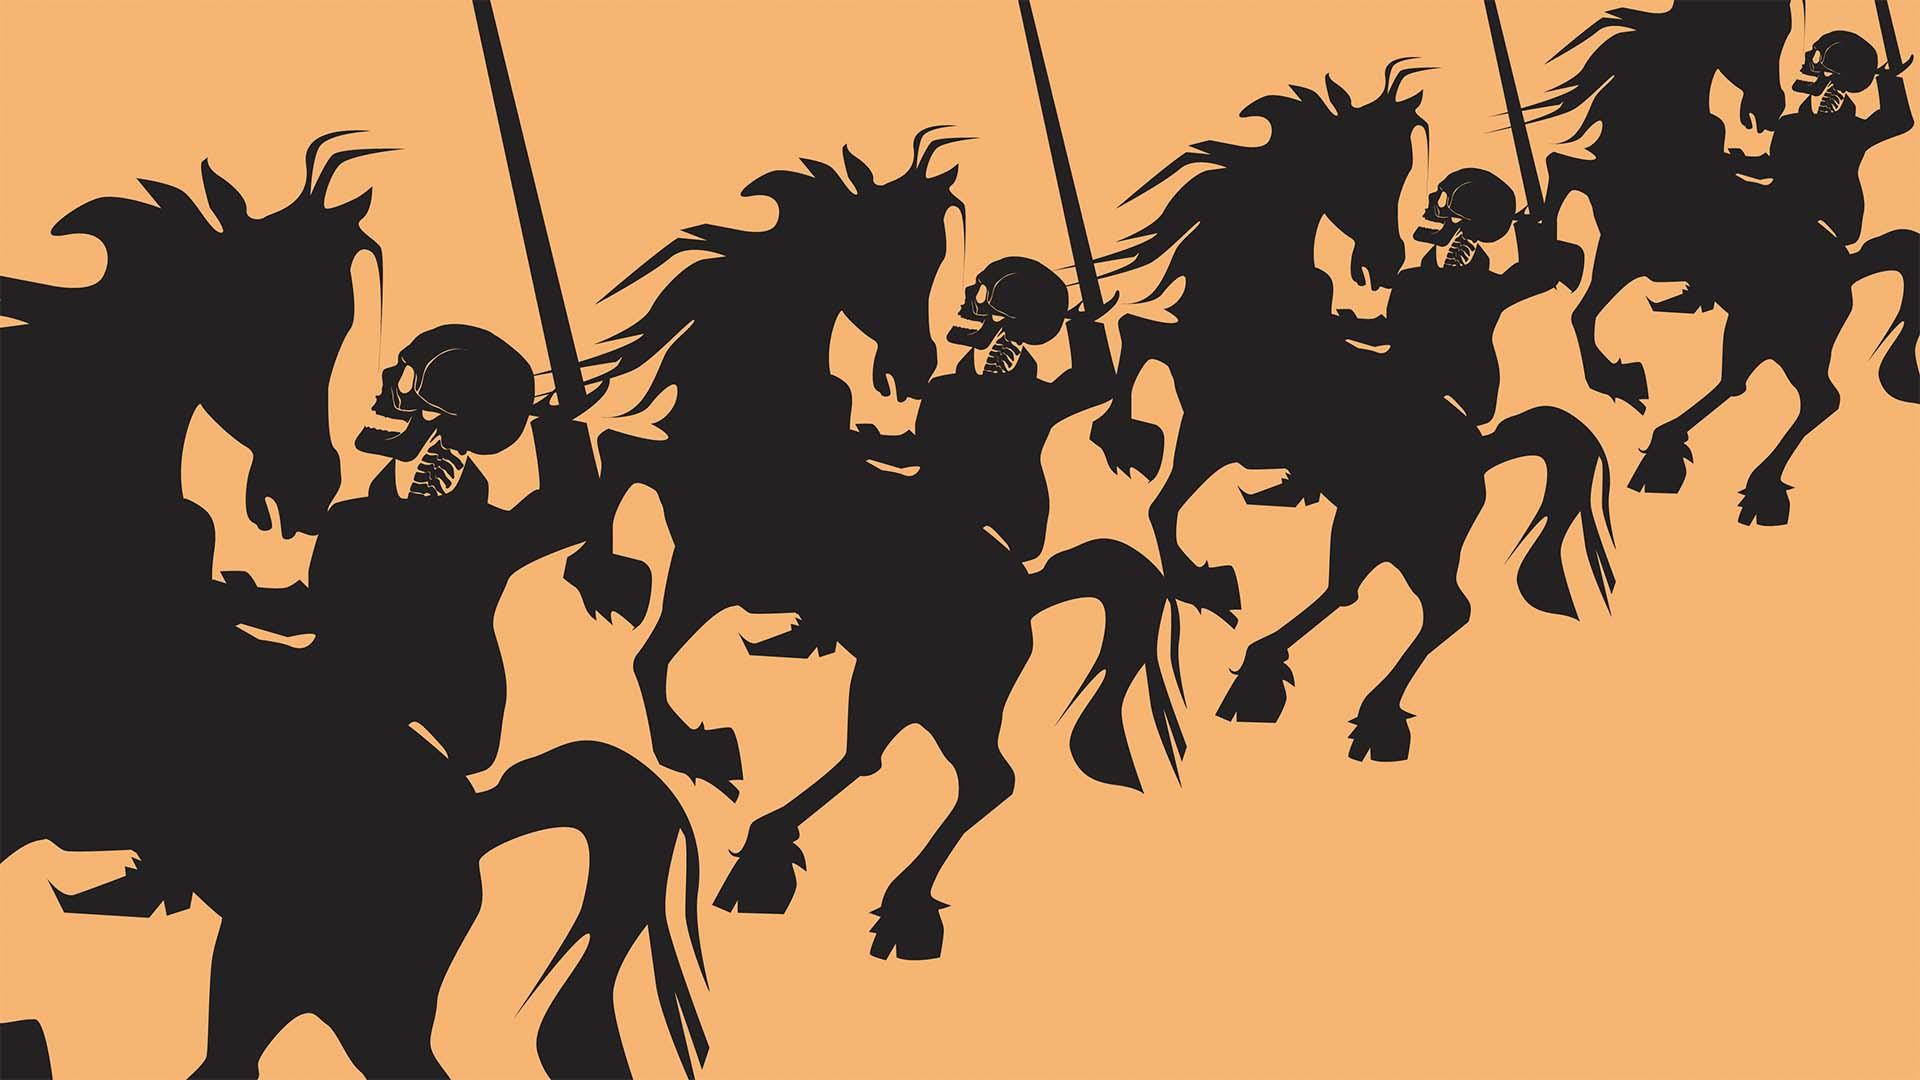 Los cuatro jinetes del Apocalipsis, por Orlando Viera-Blanco